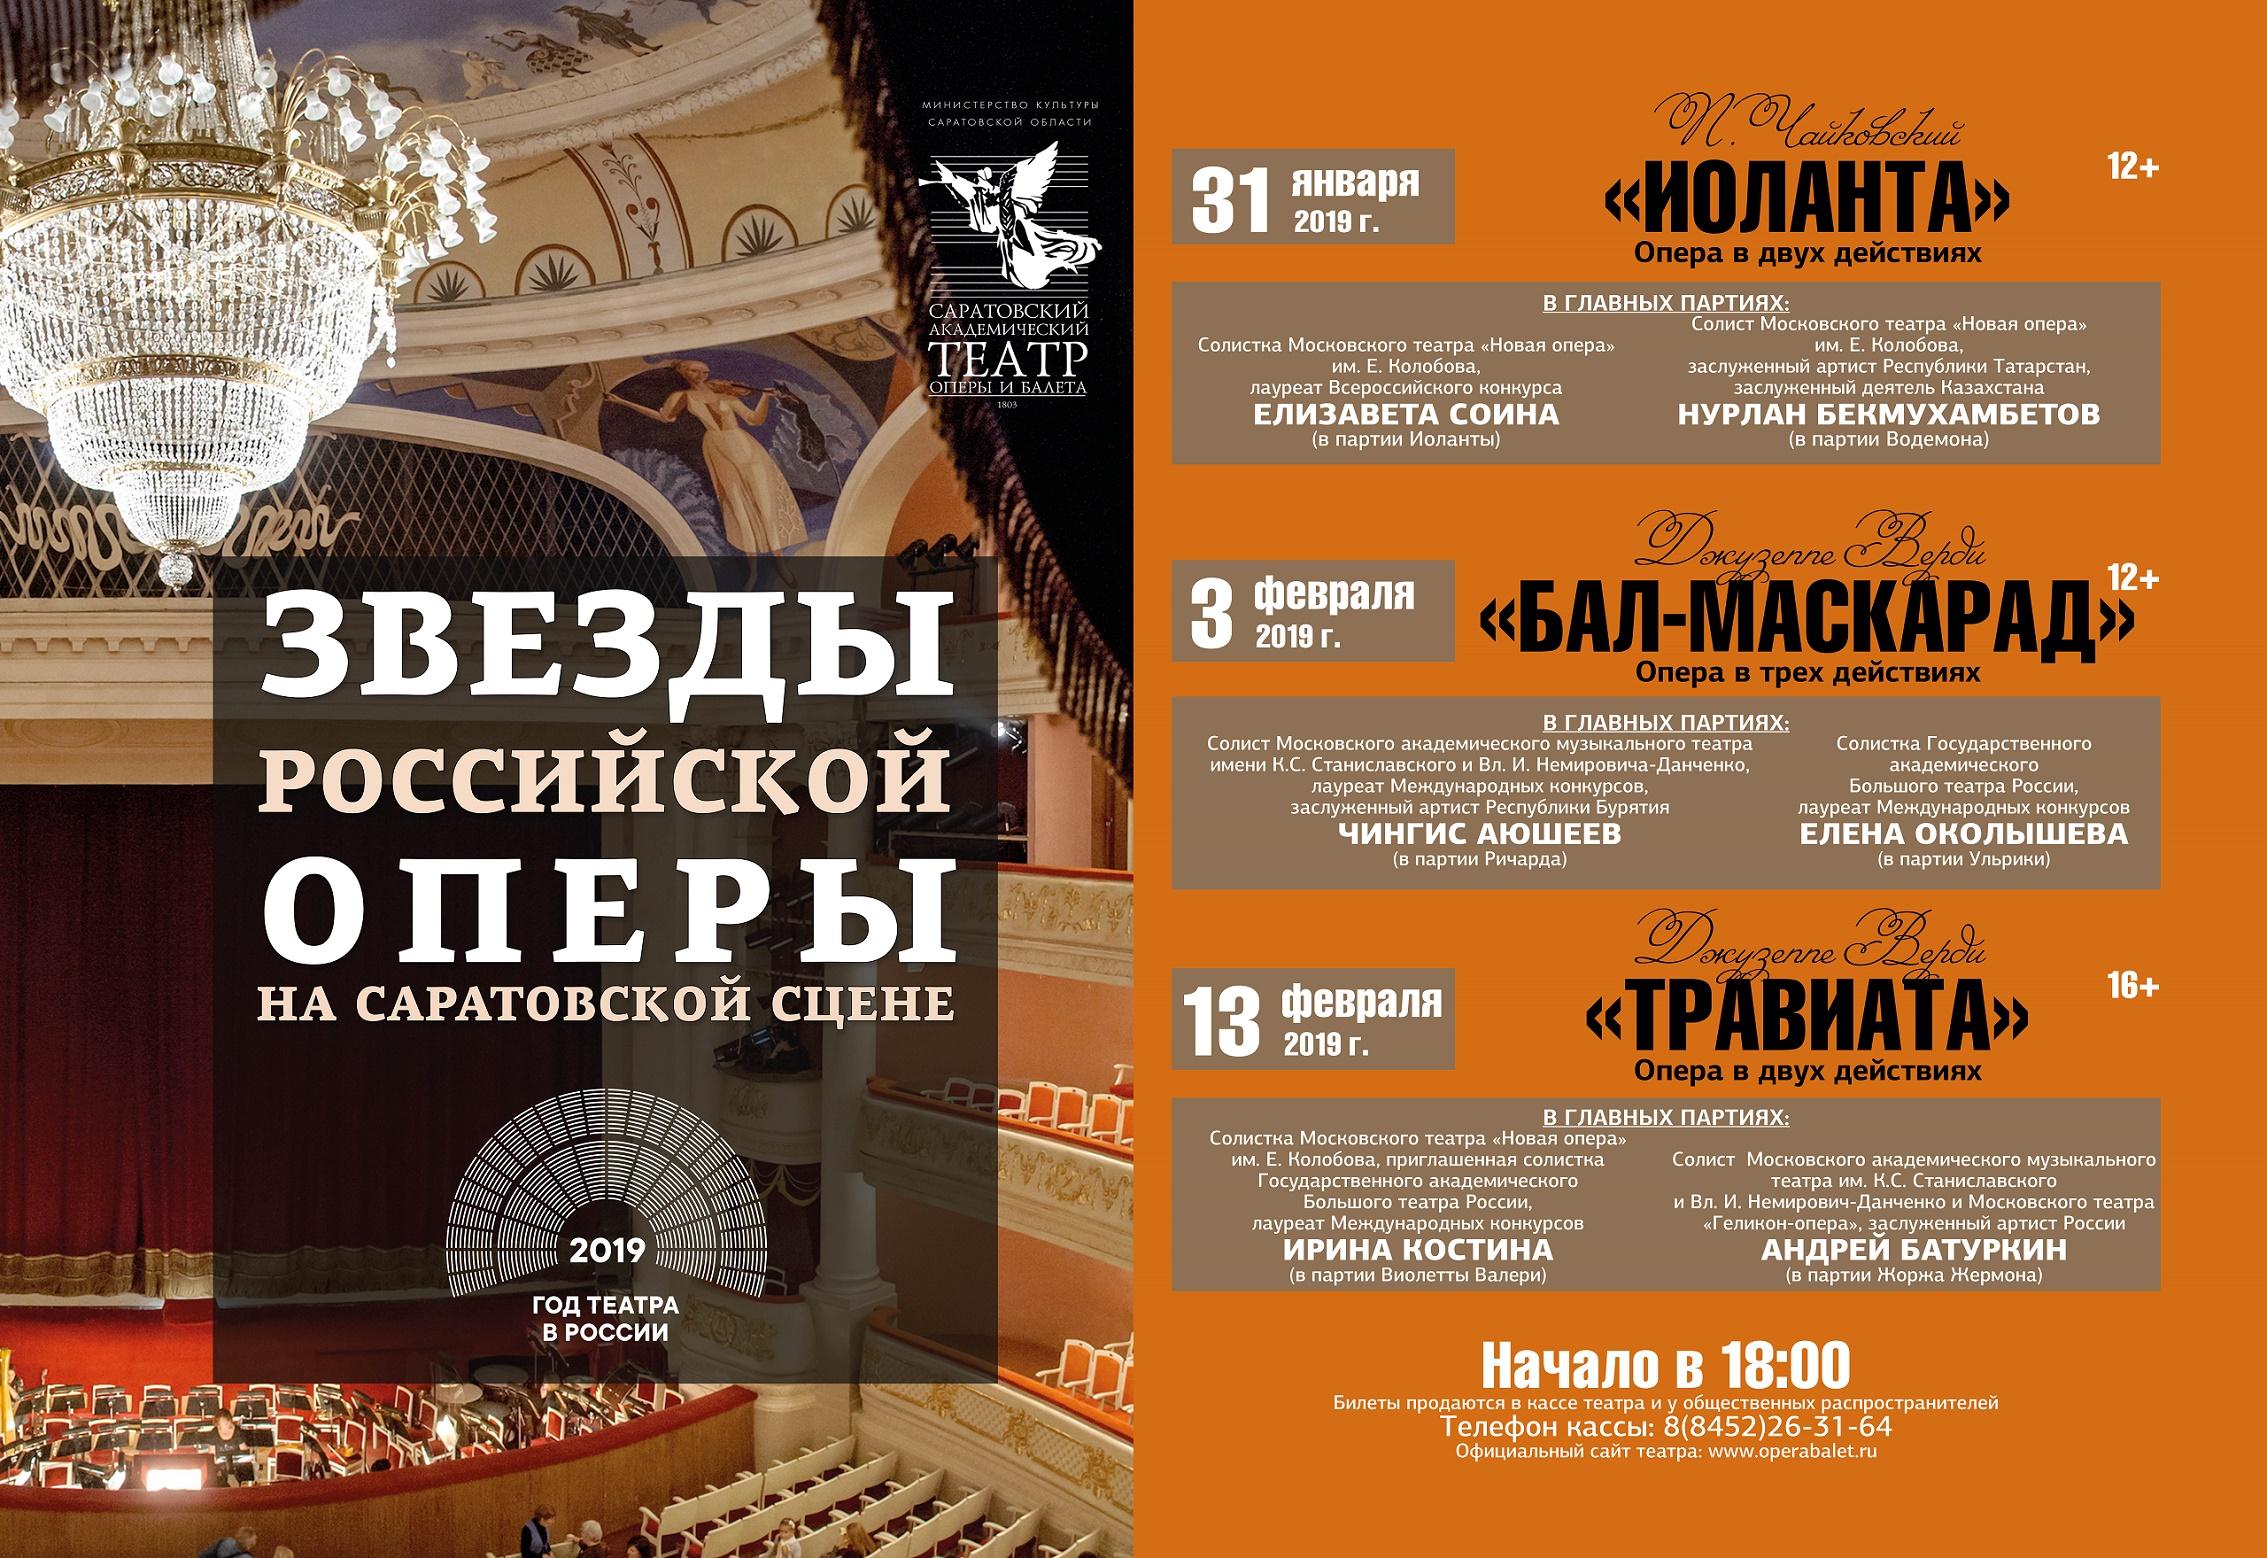 Театр оперы и балета саратов афиша июль купить билеты онлайн одесса на концерт